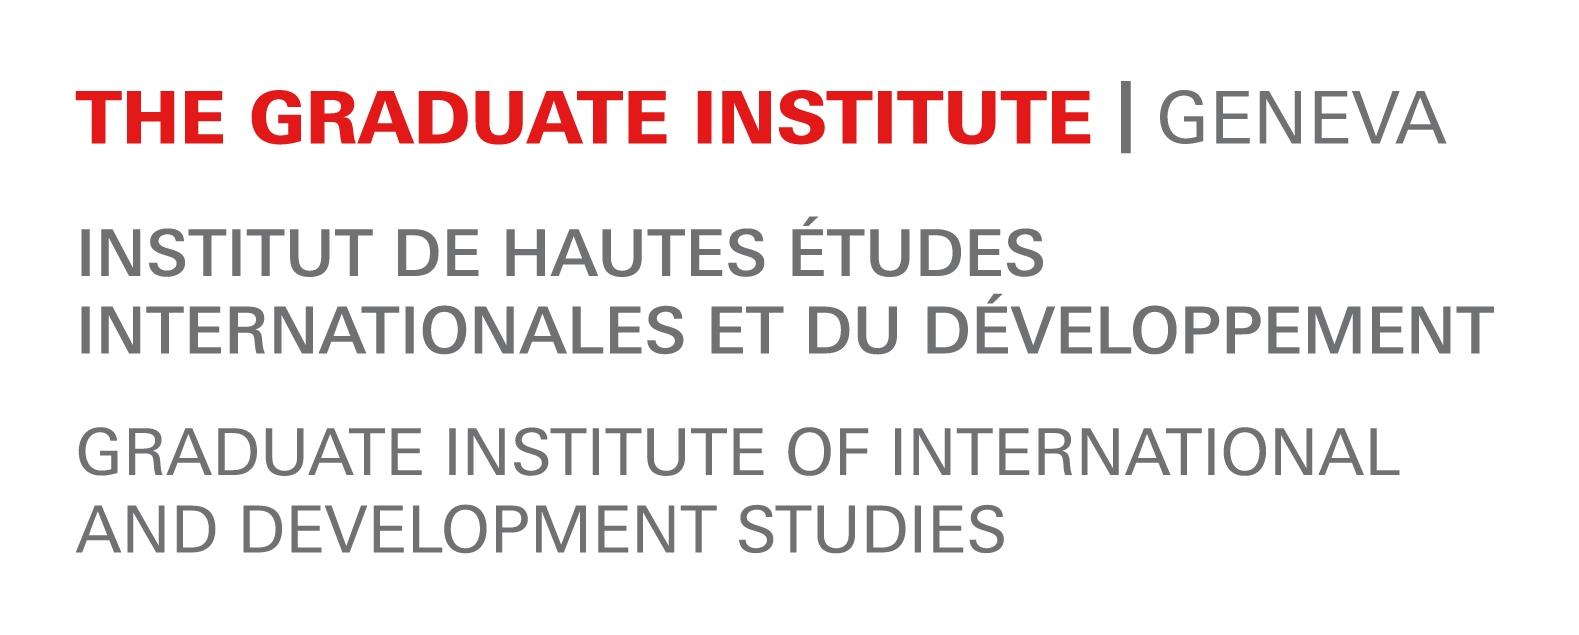 logo for Institut de hautes études internationales et du développement